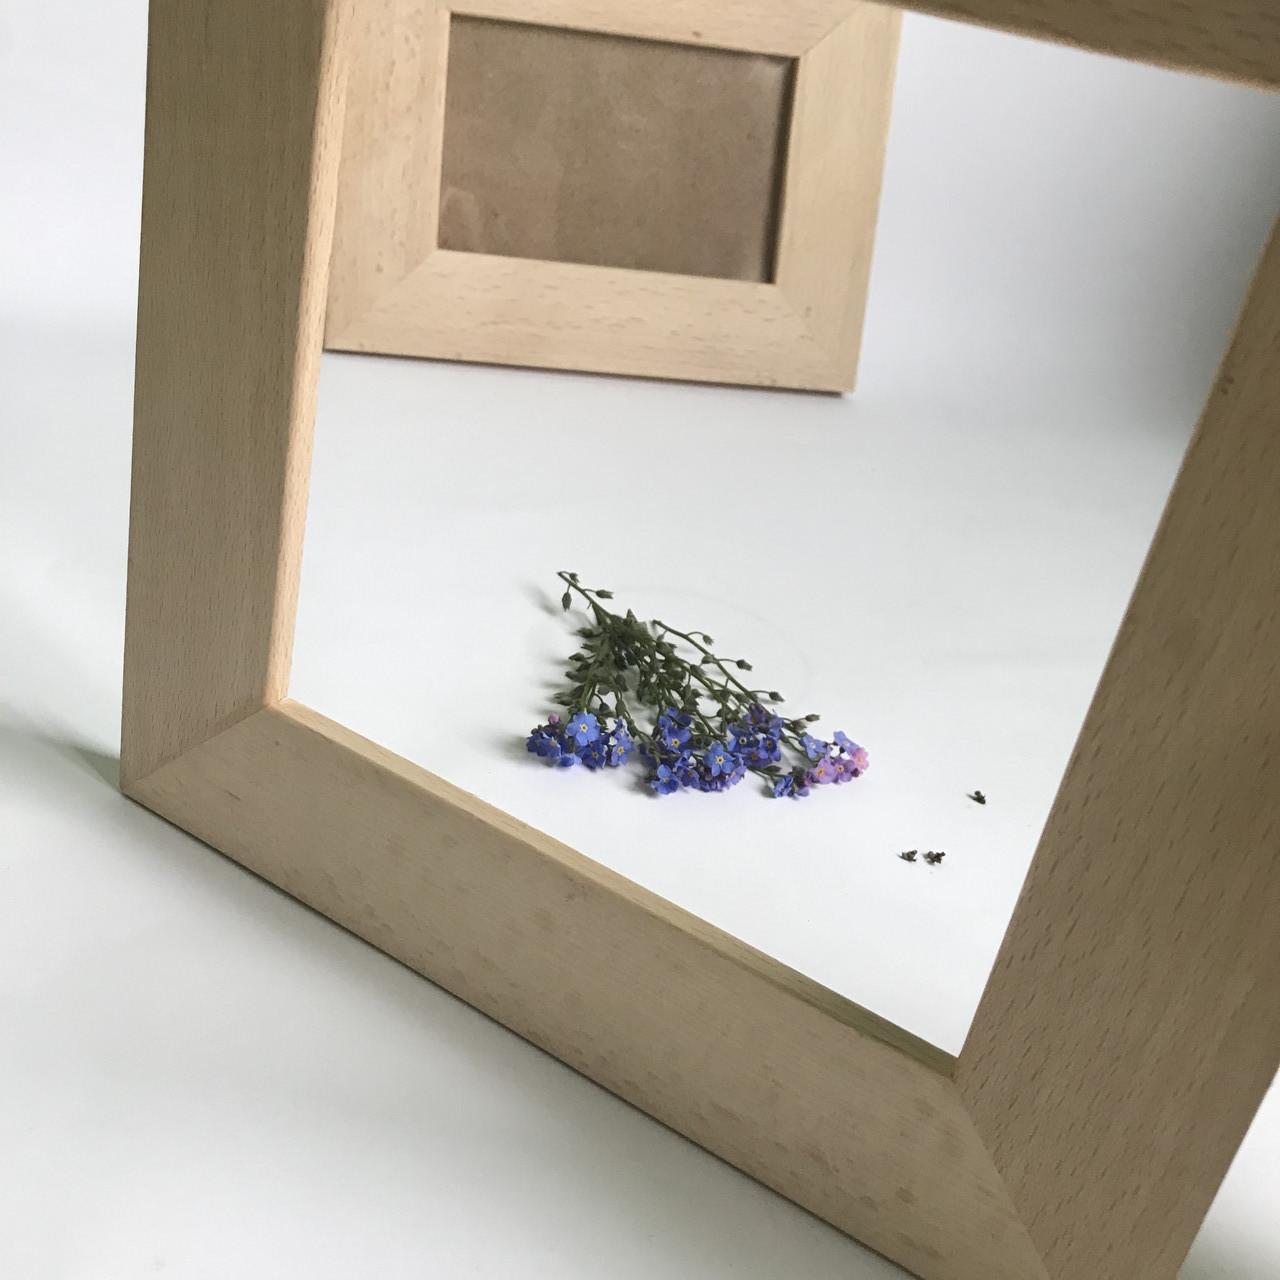 Дерев'яна рамка для фото  10*15см.